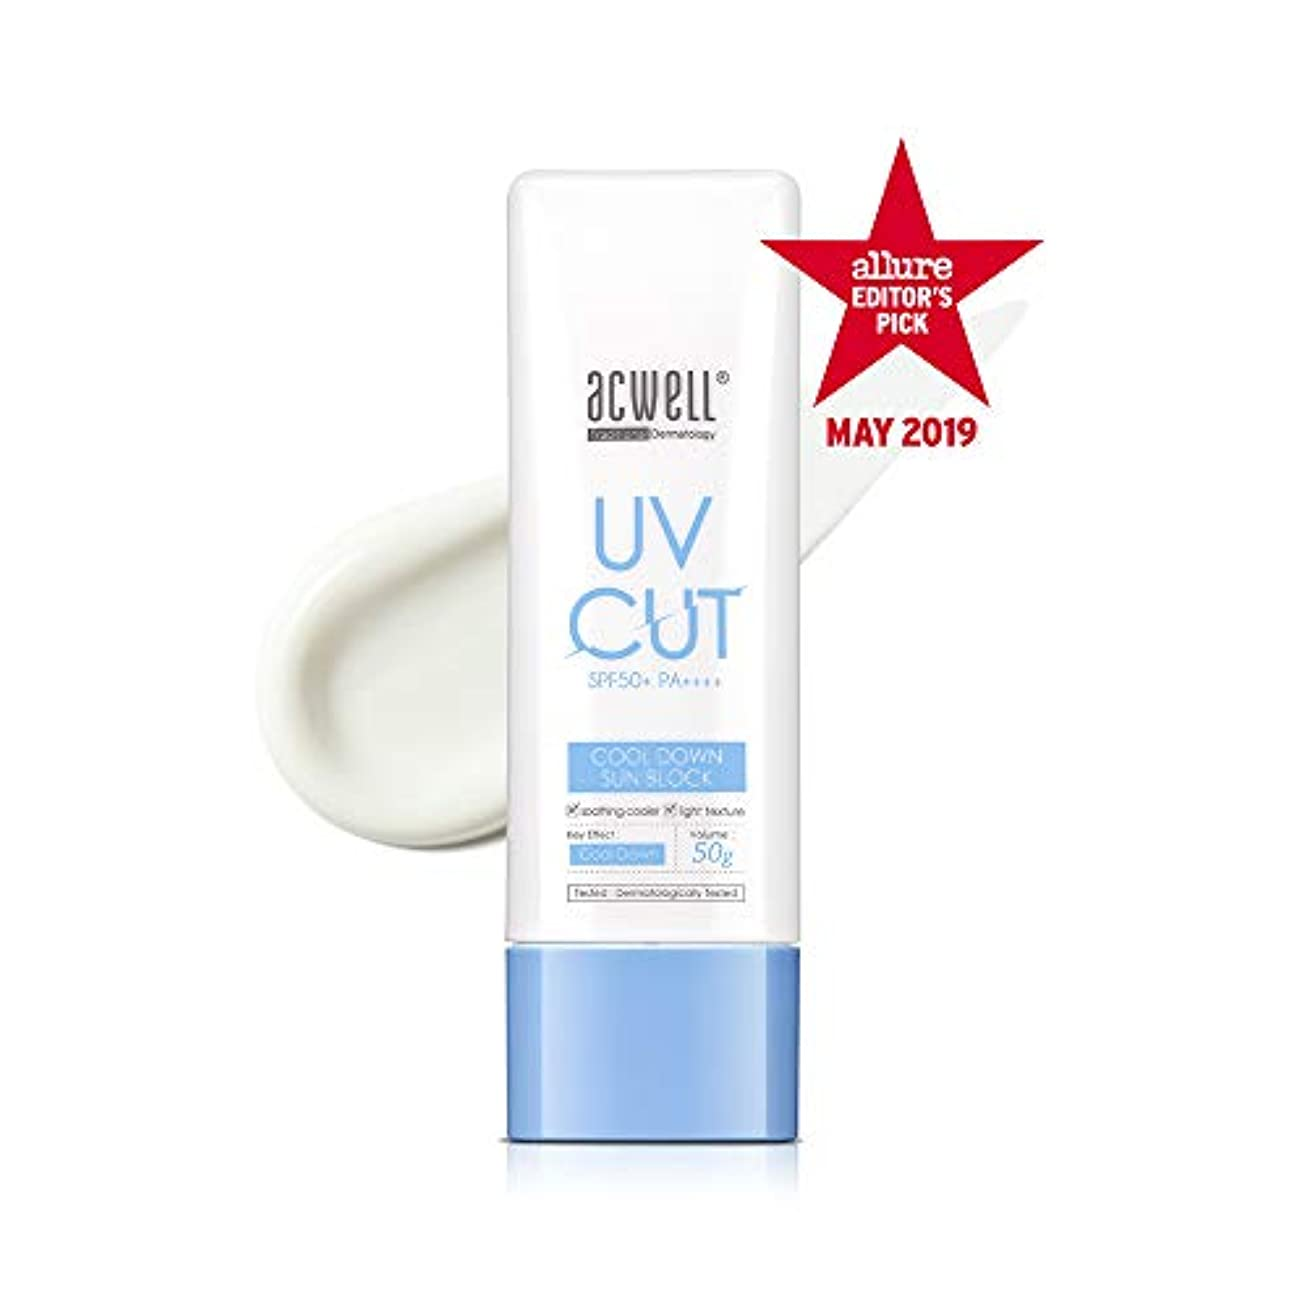 ことわざタックル悪化させるアクウェル ACWELL UV Cut Cool Down Sun Block クールダウン サンブロック 50g, SPF50+ PA++++ [Made in Korea]